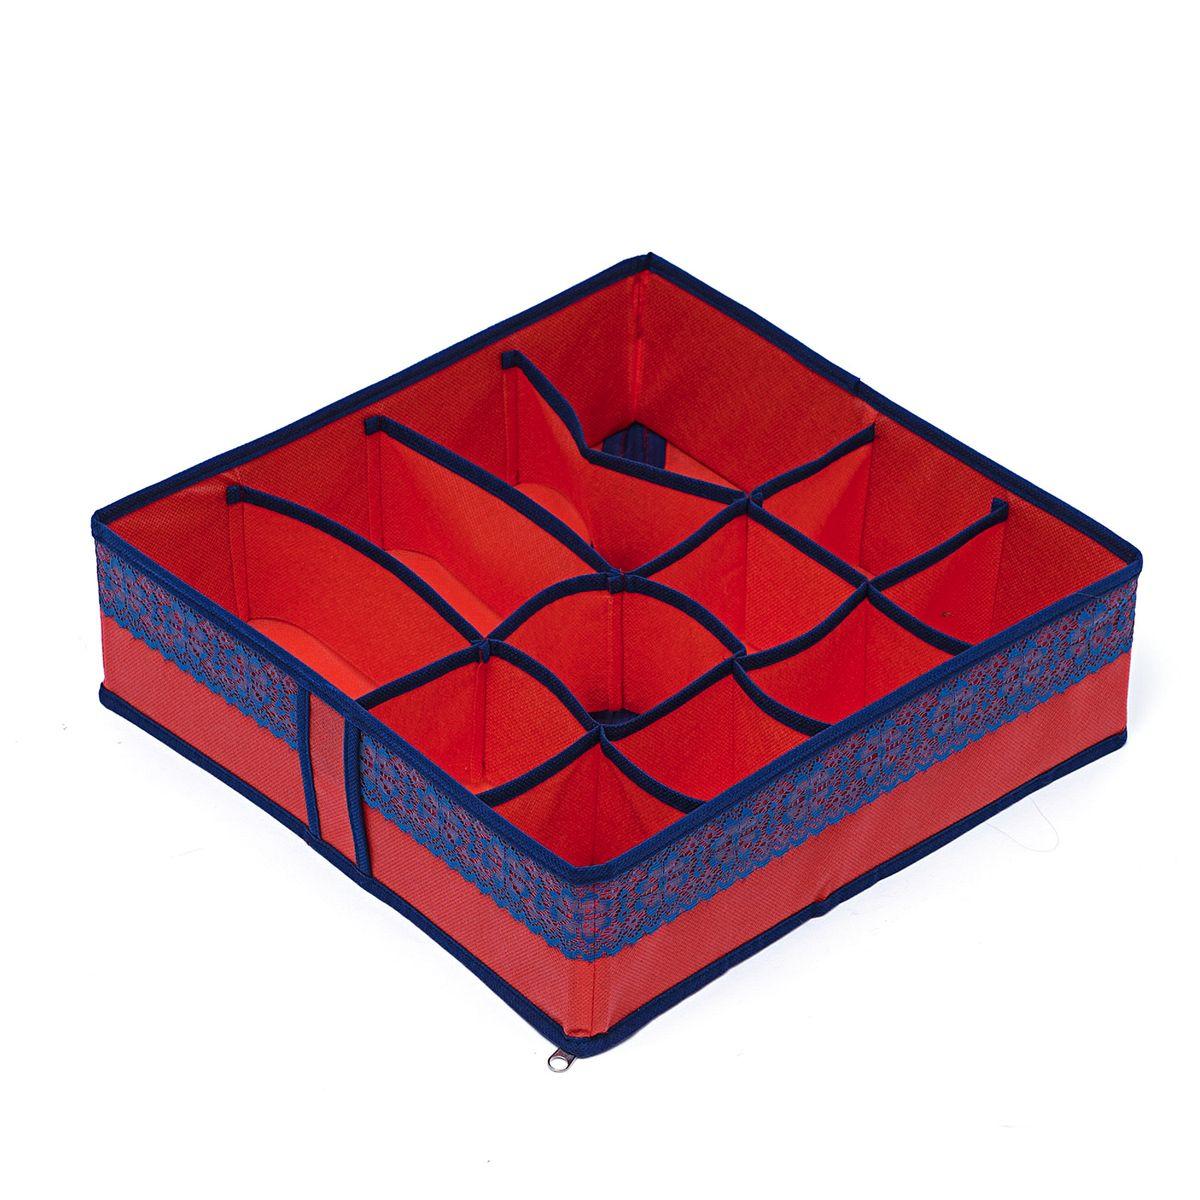 Органайзер для хранения вещей Homsu Rosso, 12 ячеек , 35 х 35 х 10 смHOM-317Компактный органайзер Homsu Rosso изготовлен из высококачественного полиэстера, который обеспечивает естественную вентиляцию. Материал позволяет воздуху свободно проникать внутрь, но не пропускает пыль. Органайзер отлично держит форму, благодаря вставкам из плотного картона. Изделие имеет 12 квадратных секций для хранения нижнего белья, колготок, носков и другой одежды.Такой органайзер позволит вам хранить вещи компактно и удобно, а оригинальный дизайн сделает вашу гардеробную красивой и невероятно стильной.